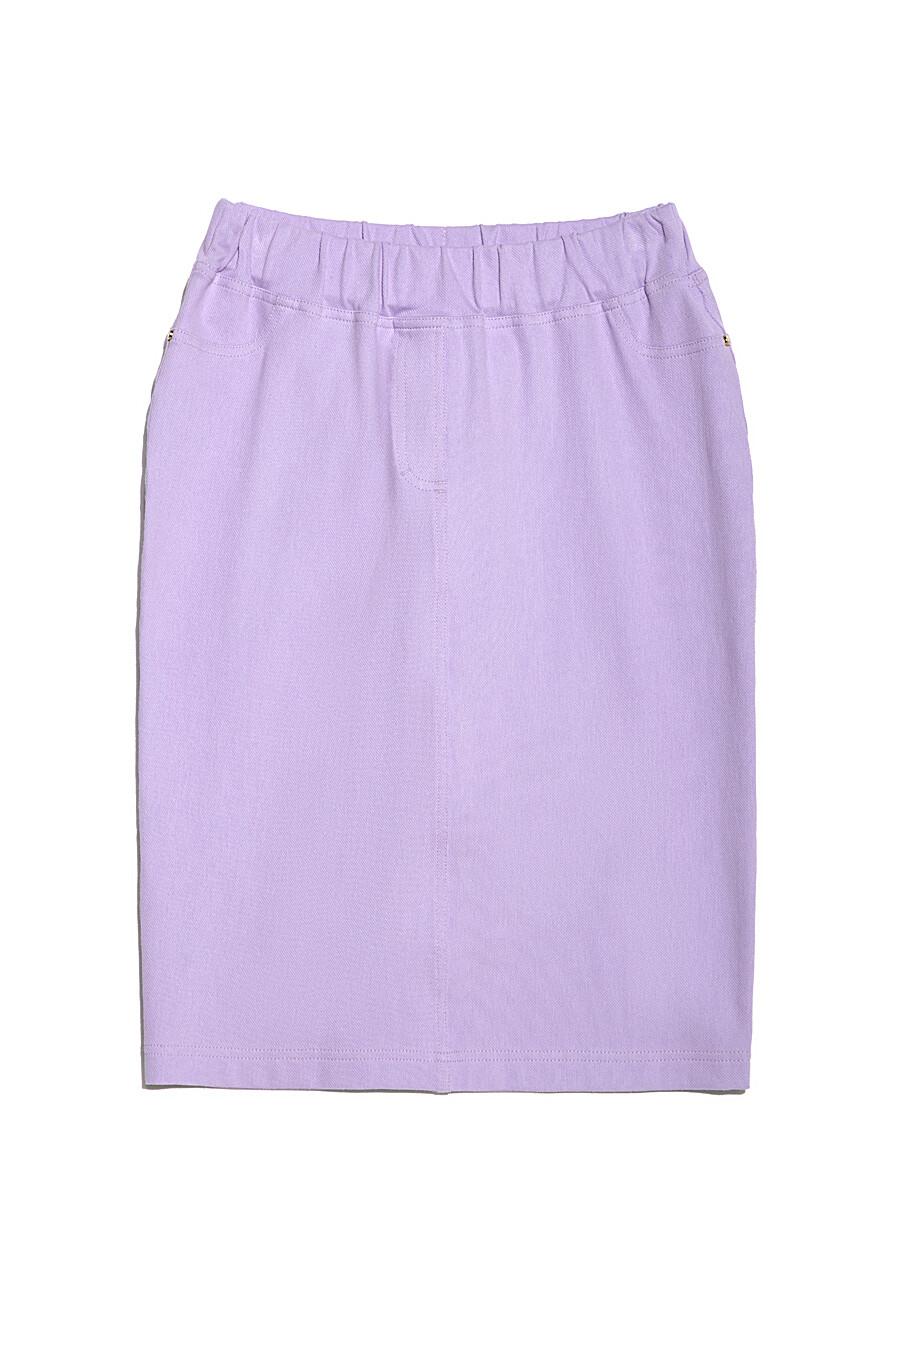 Юбка для женщин CONTE ELEGANT 148666 купить оптом от производителя. Совместная покупка женской одежды в OptMoyo